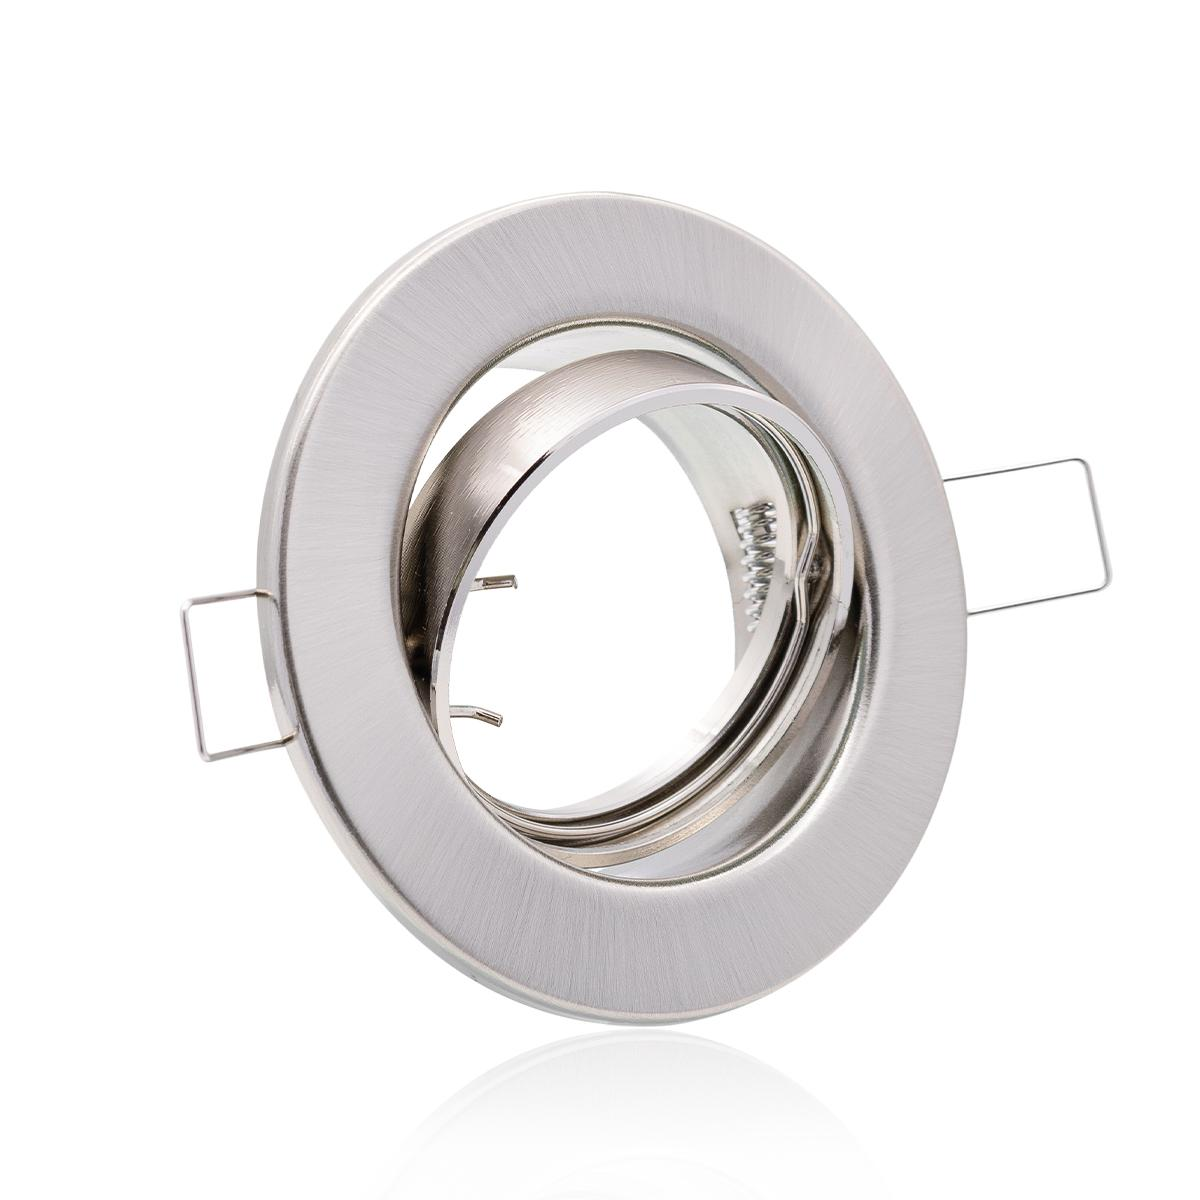 Einbaustrahler  Rahmen rund Edelstahl gebürstet Optik schwenkbar Ring Decken Spot Sprengring